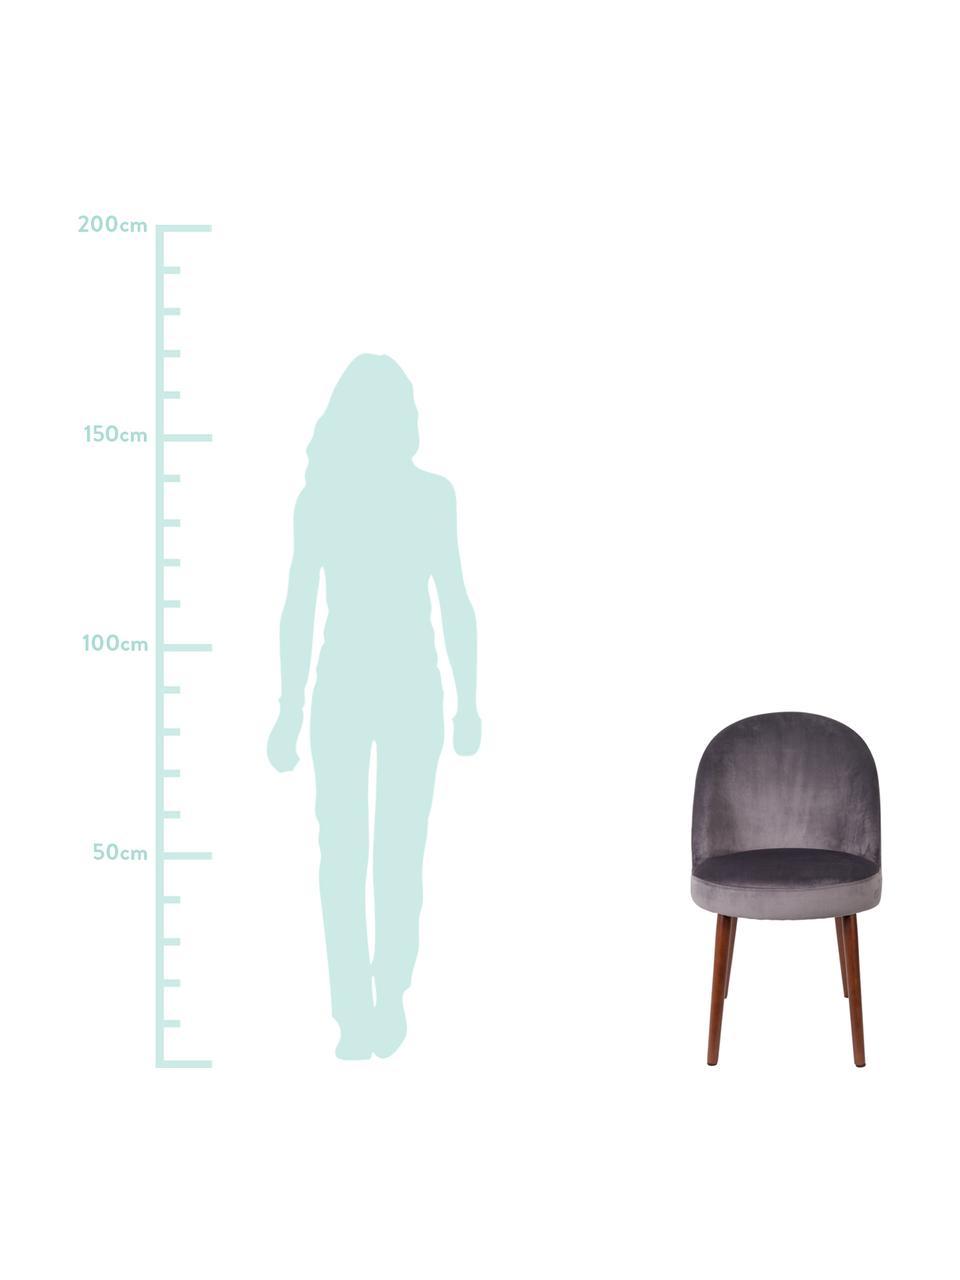 Samt-Polsterstuhl Barbara, Bezug: 100% Polyestersamt, Beine: Buchenholz, lackiert, Bezug: Grau  Beine: Walnussbraun, 51 x 85 cm